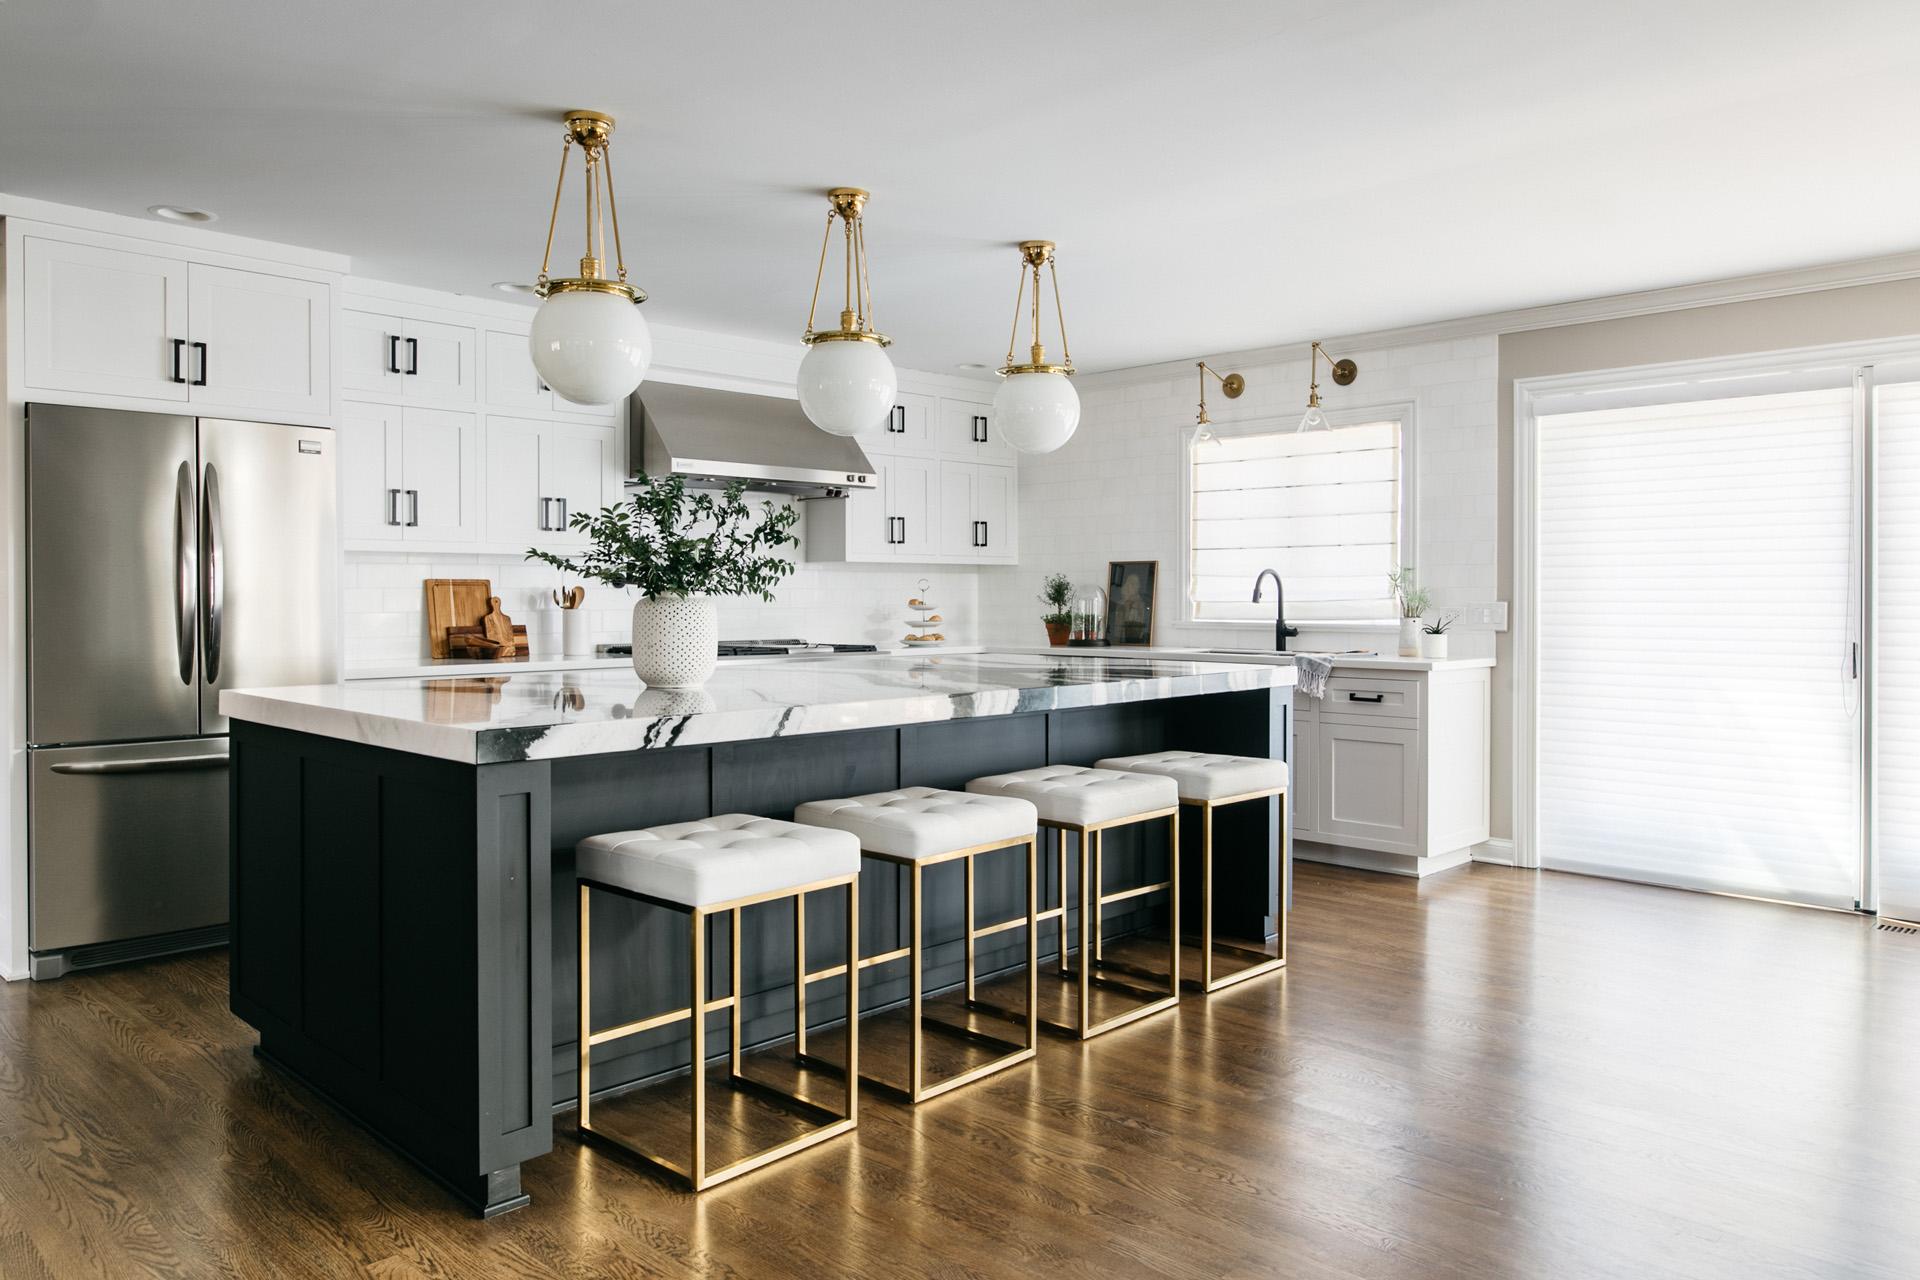 naperville-kitchen_9.jpg